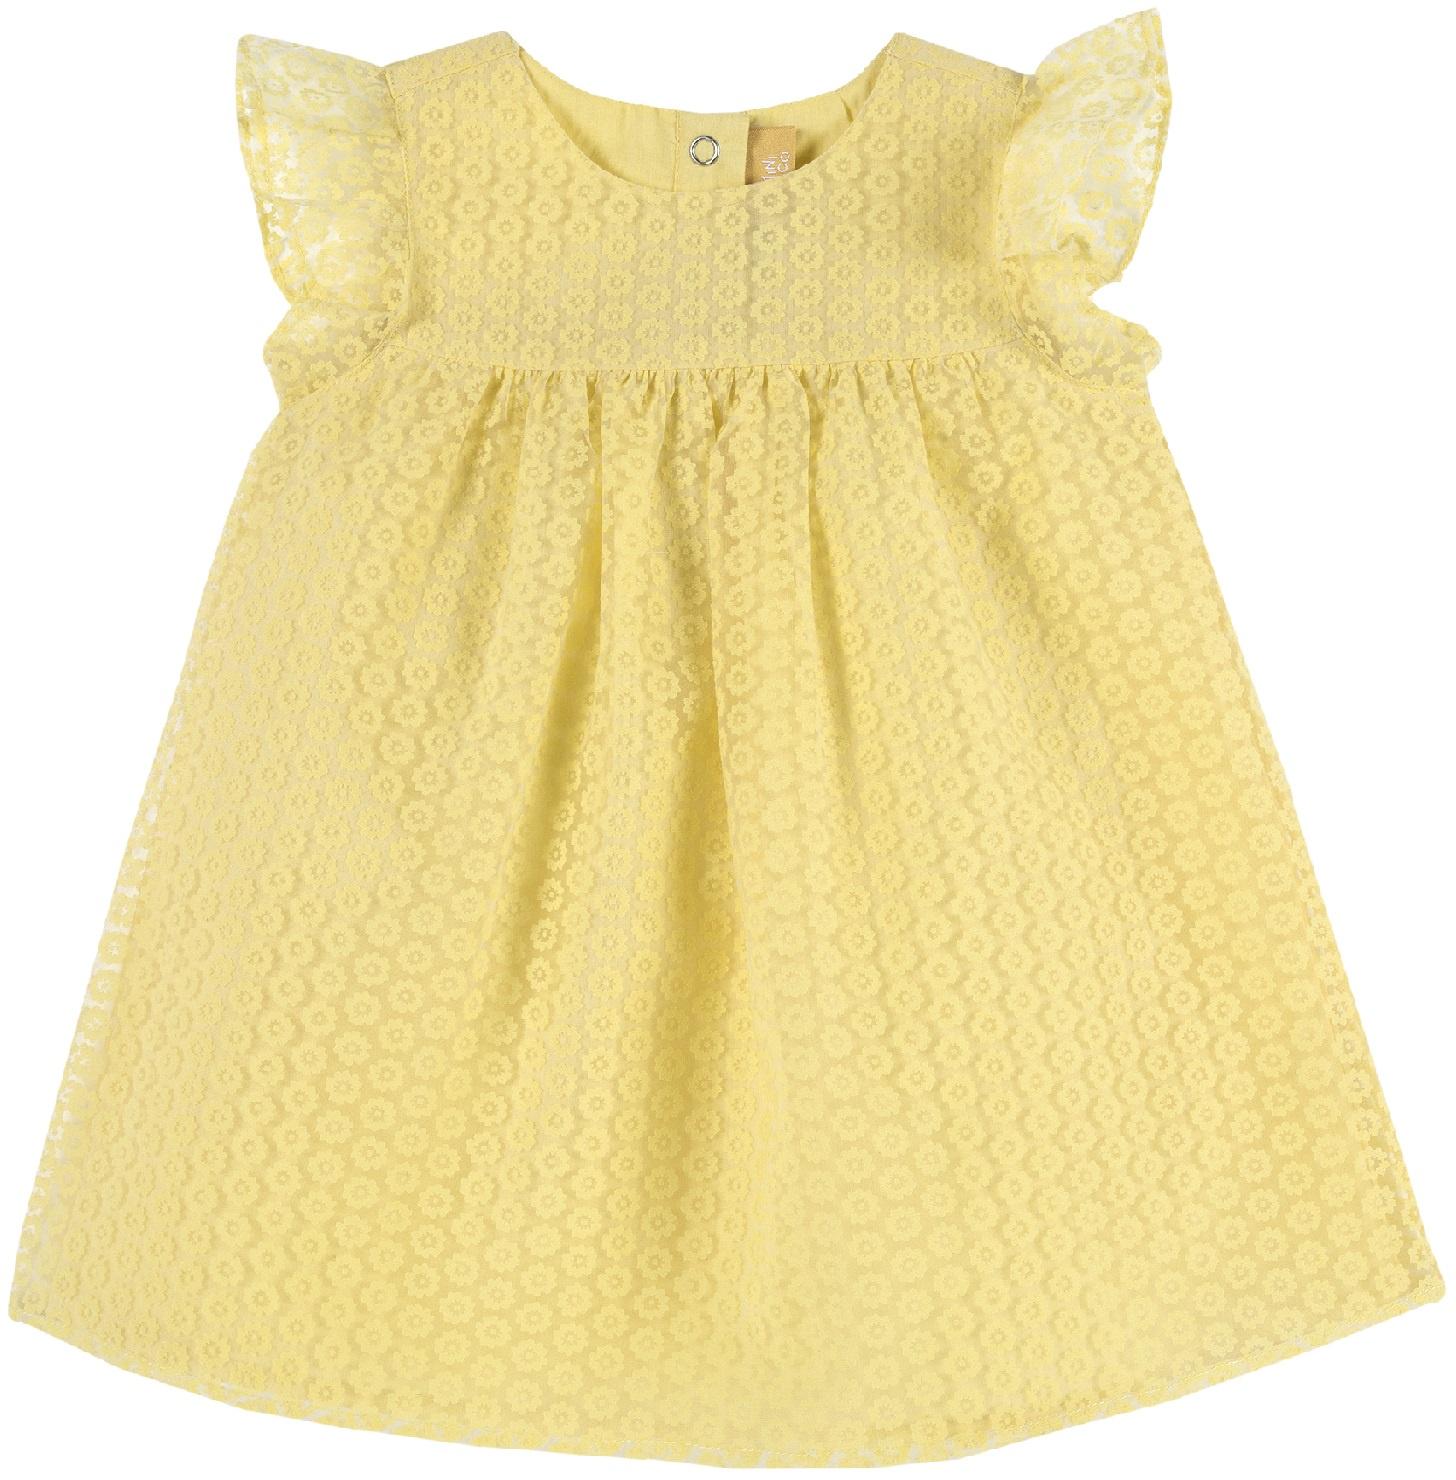 Платье Chicco двухслойное платье с коротким рукавом european culture двухслойное платье с коротким рукавом